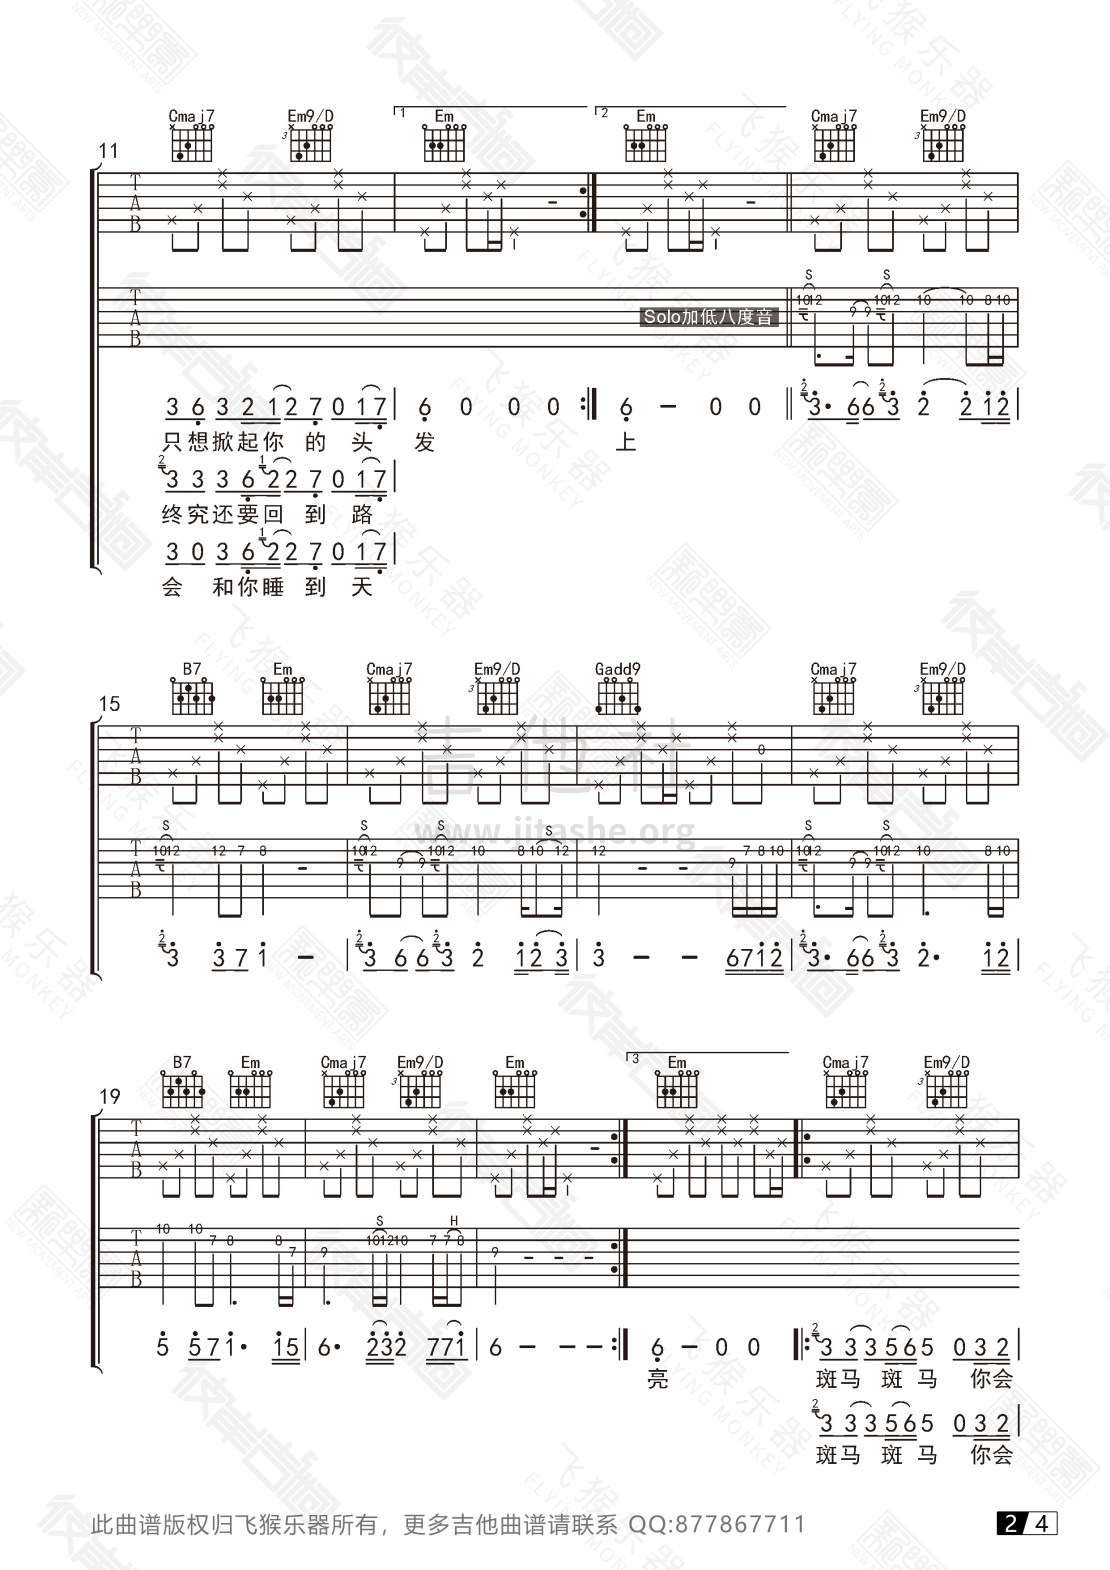 斑马,斑马(飞猴乐器版)吉他谱(图片谱,民谣,宋冬野,简单版)_宋冬野_斑马斑马02.jpg